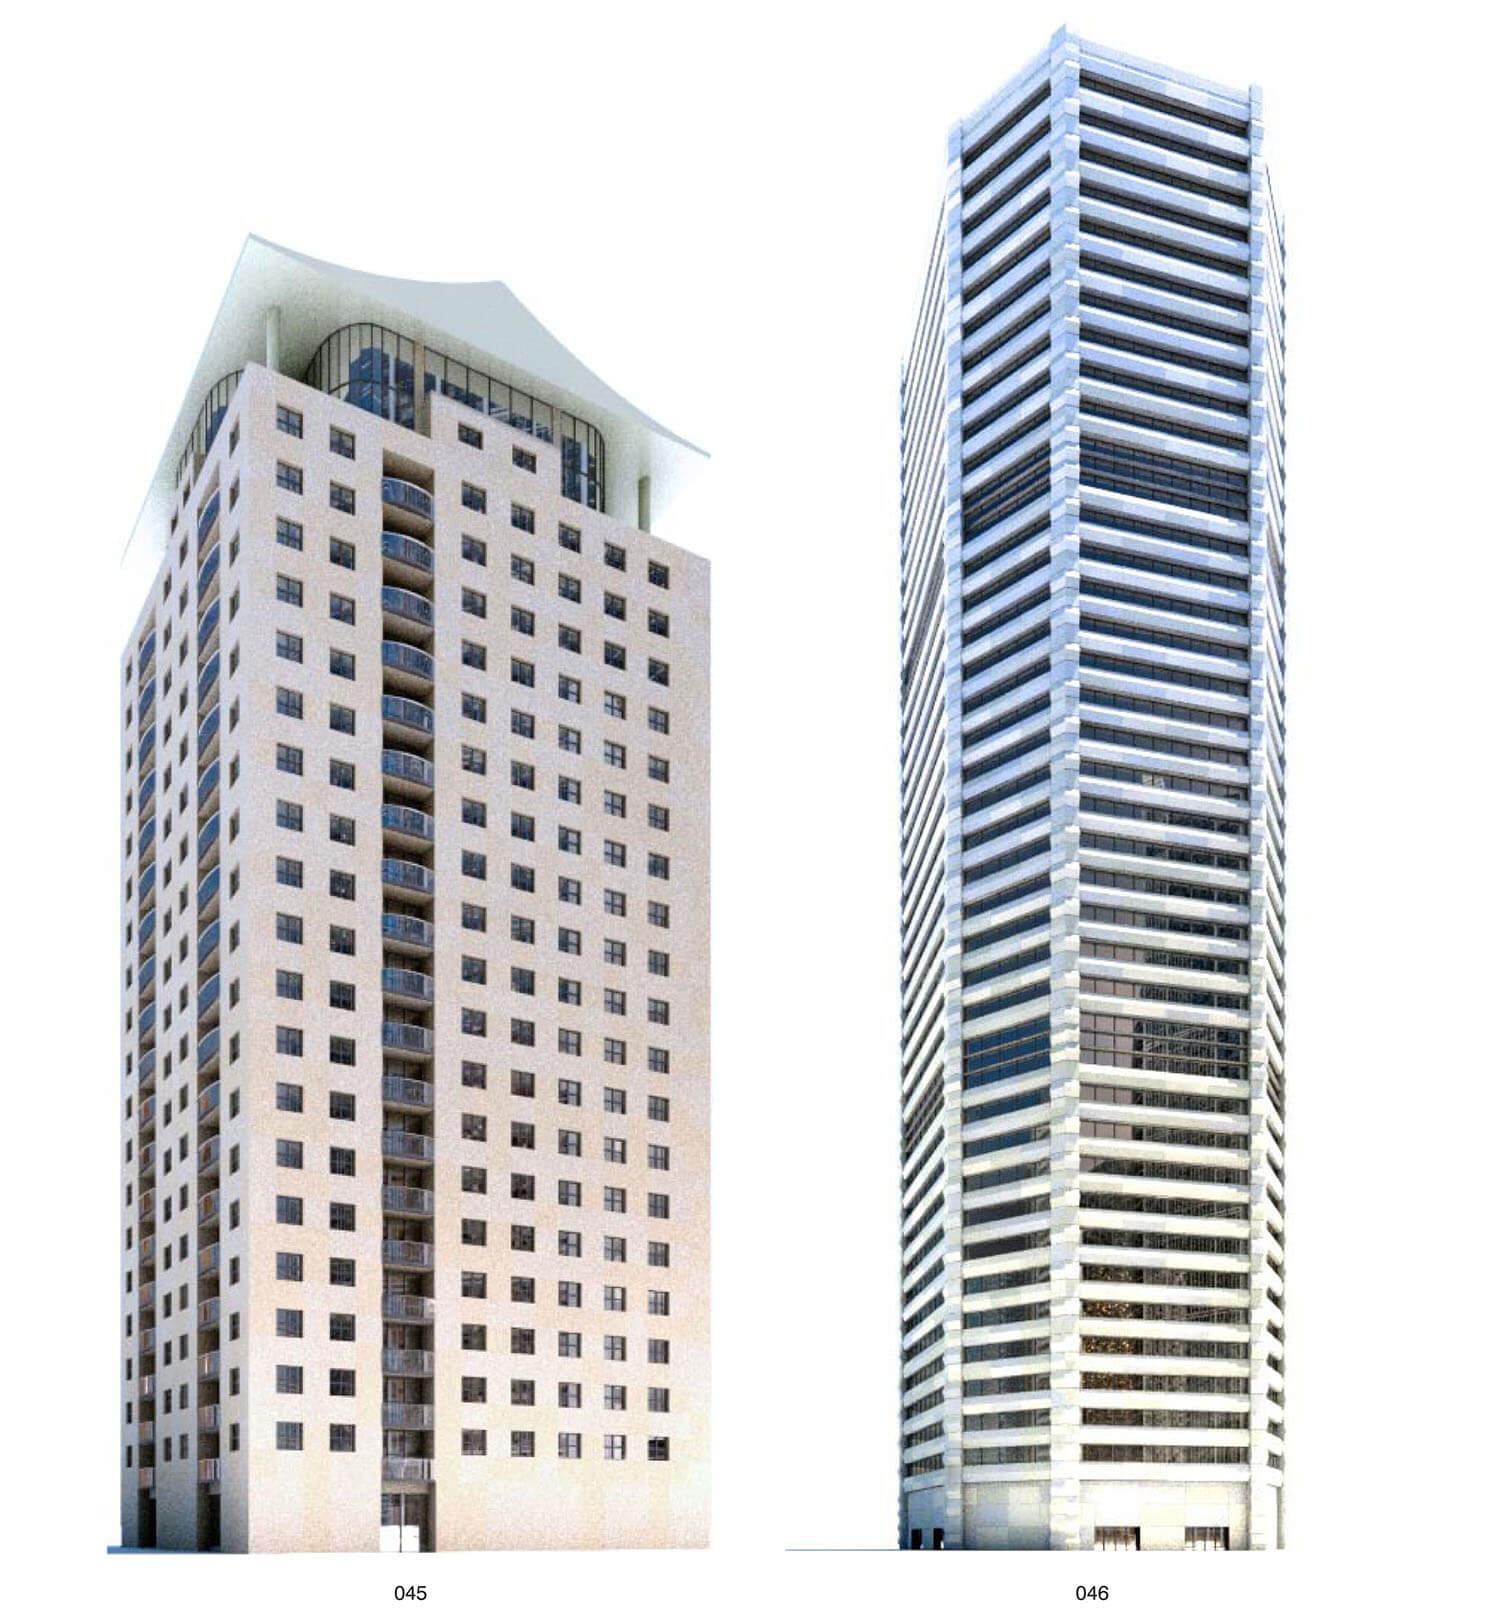 Nhà cao tầng xây bằng bê tông